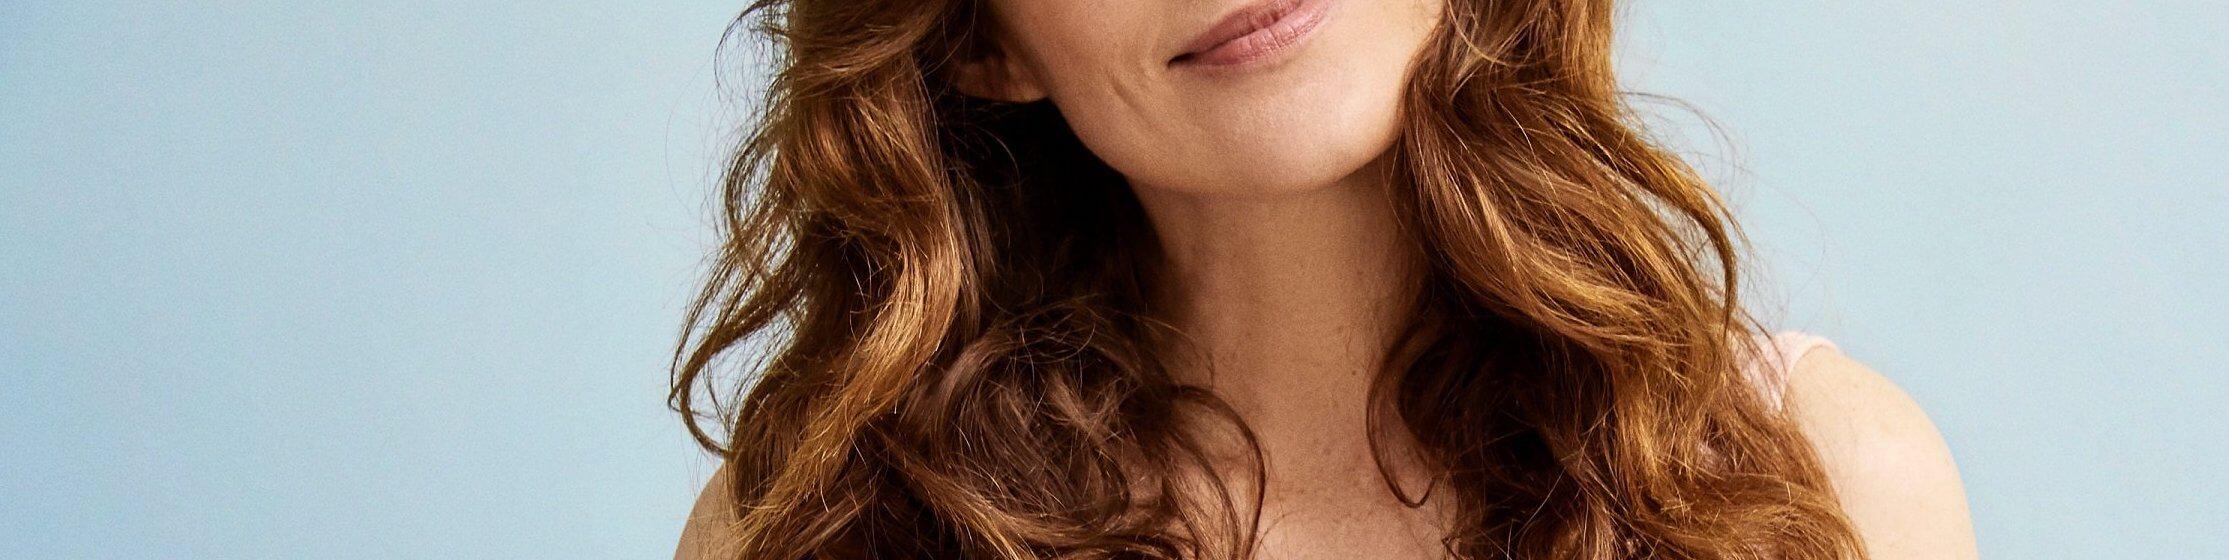 Vrouw met bruine haren